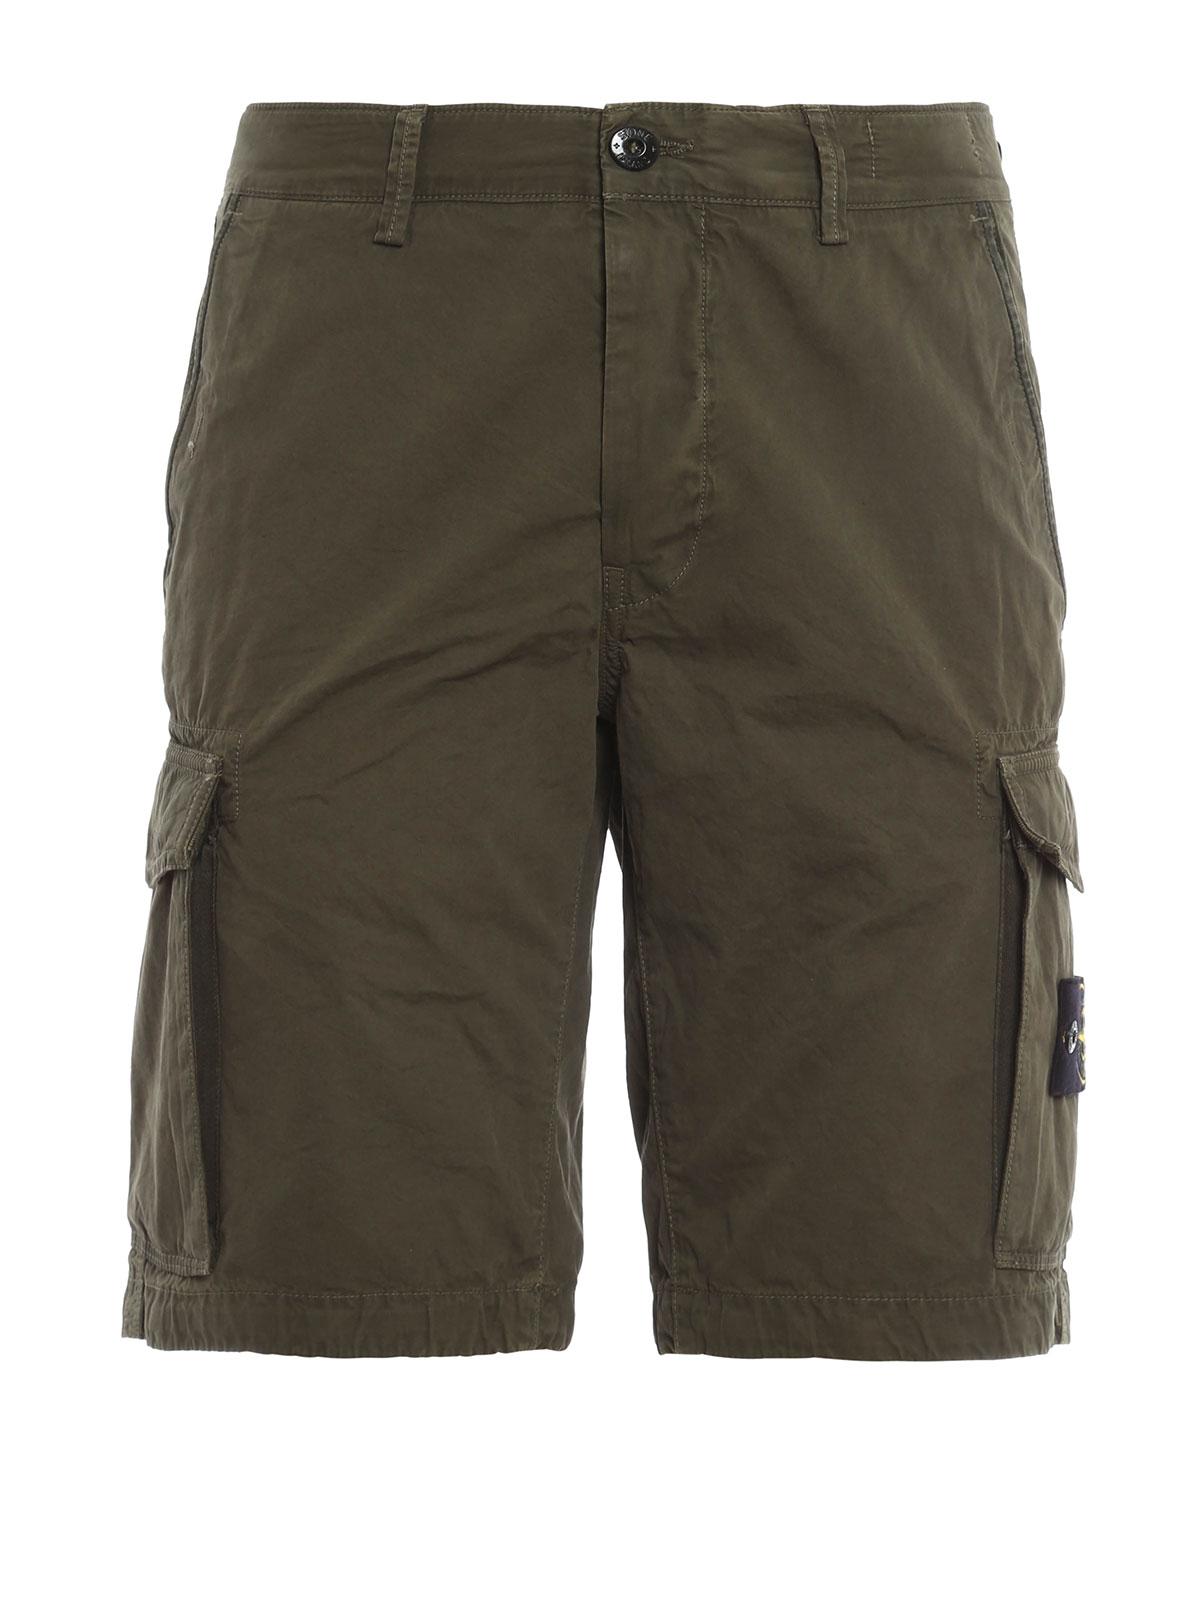 shorts fur herren gr n von stone island hosen shorts. Black Bedroom Furniture Sets. Home Design Ideas